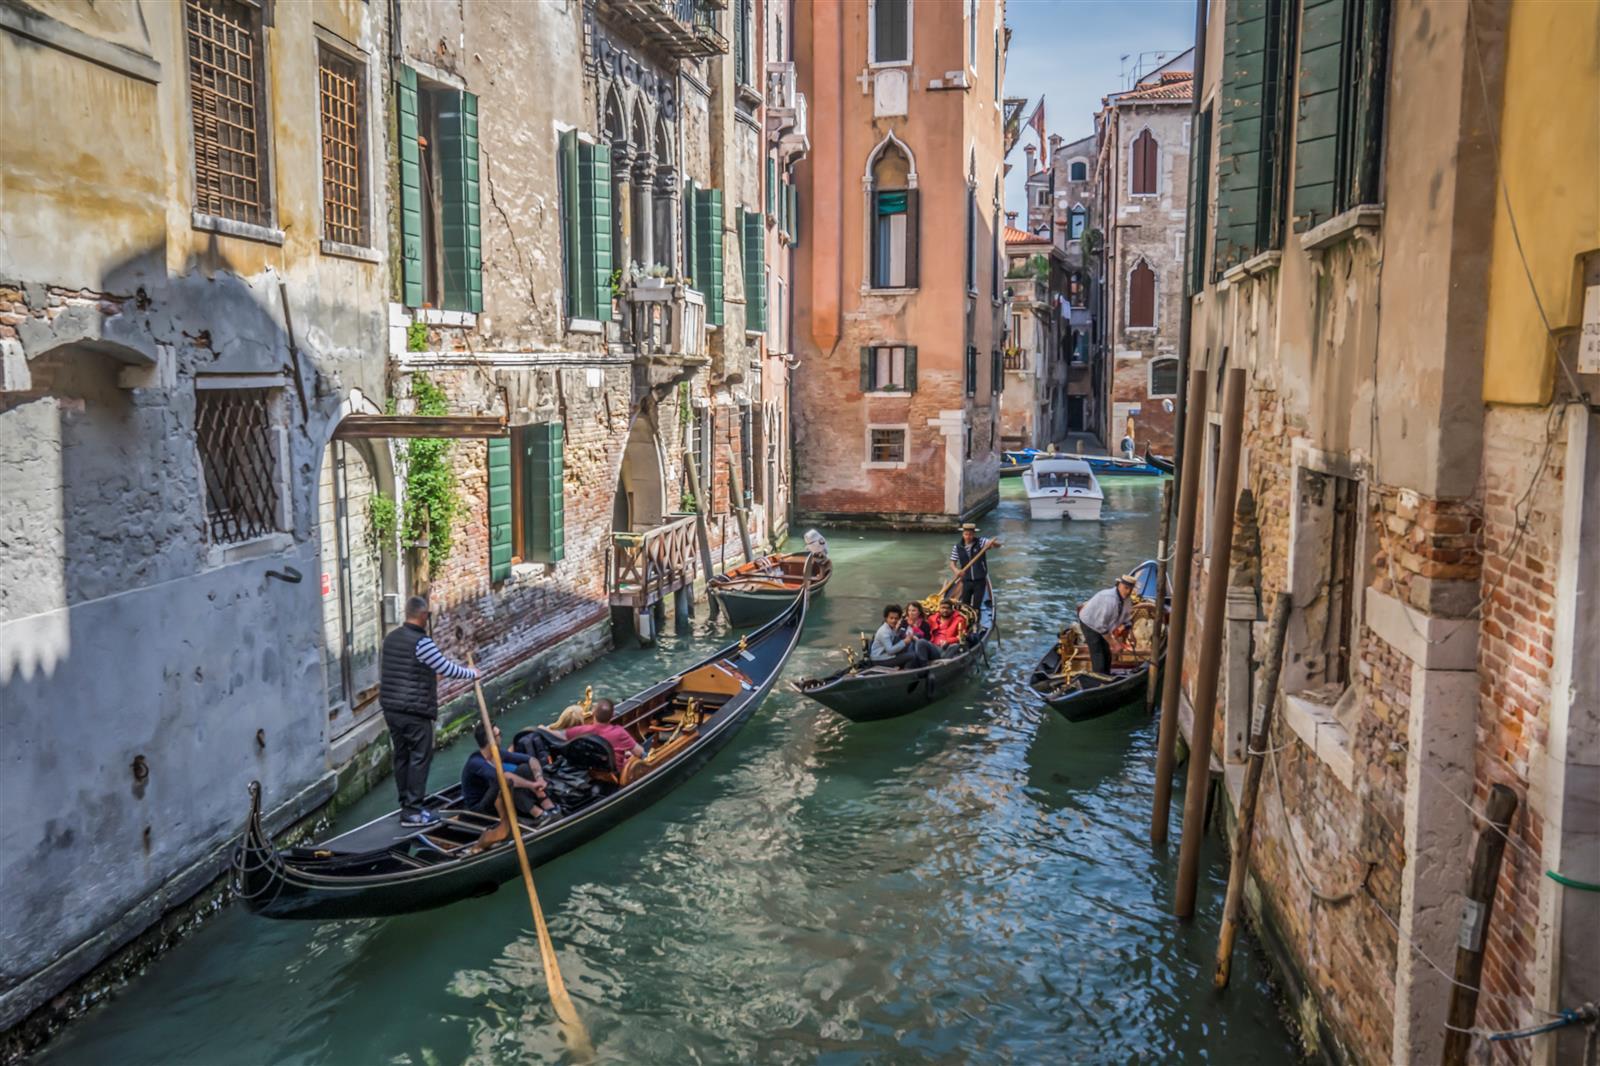 תעלות המים בוונציה (צילום: איתמר קוטלר)